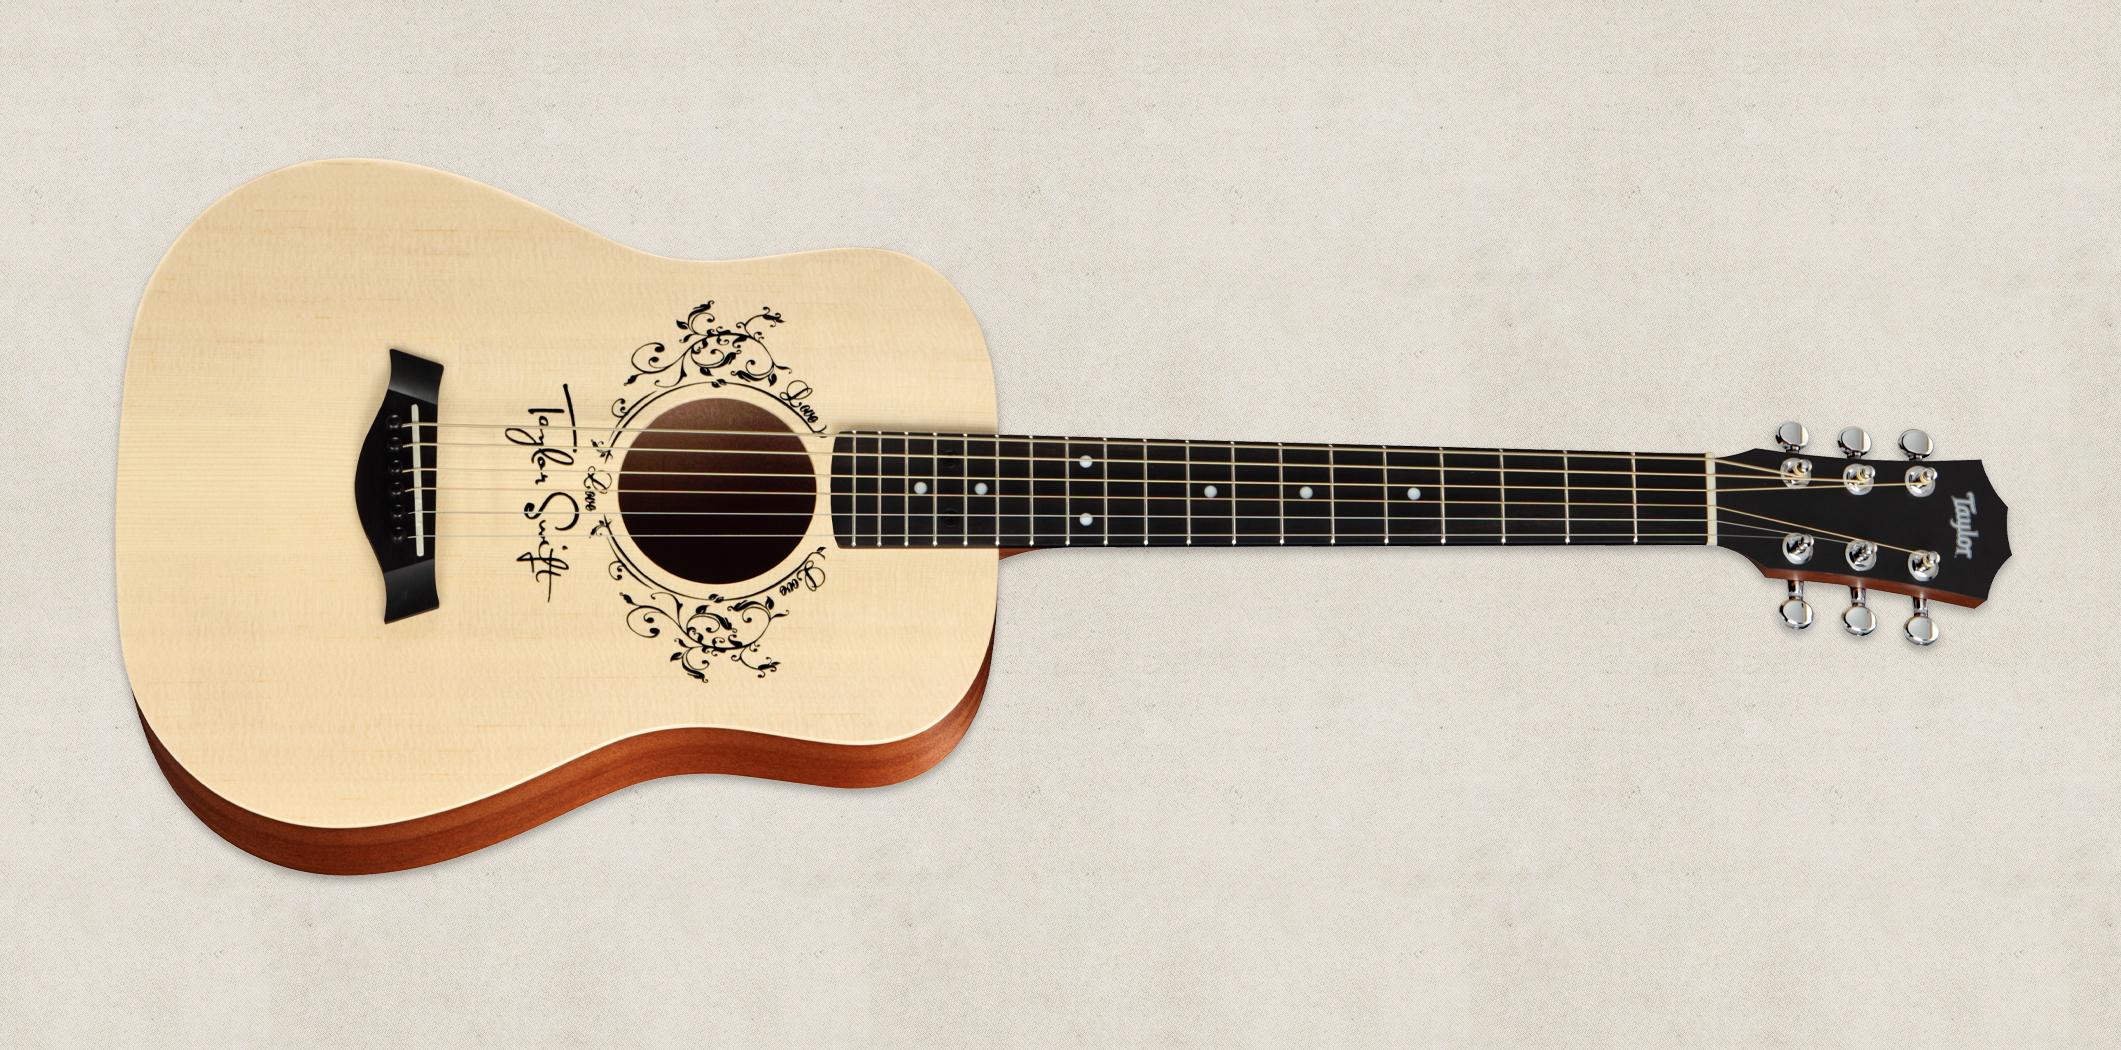 taylor swift baby taylor taylor guitars. Black Bedroom Furniture Sets. Home Design Ideas